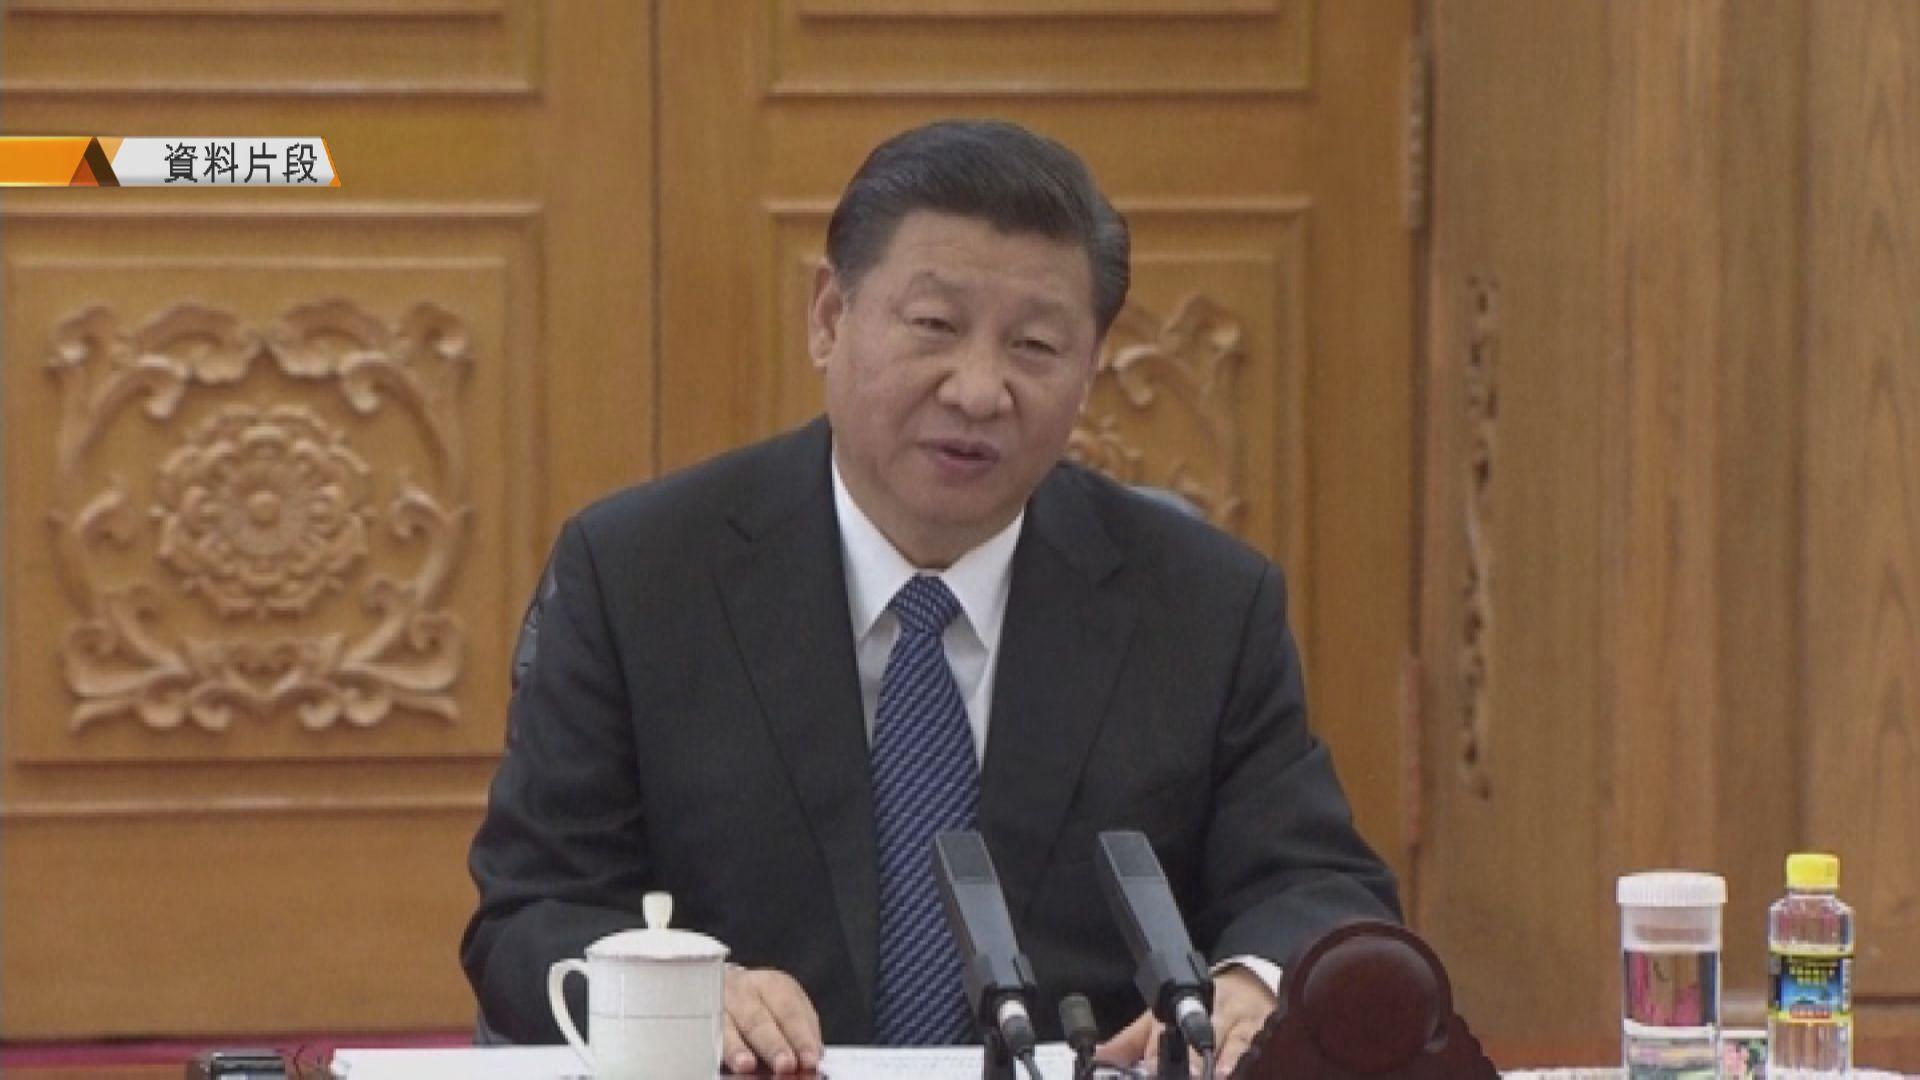 習近平周三赴深圳 出席特區建立40周年慶祝大會